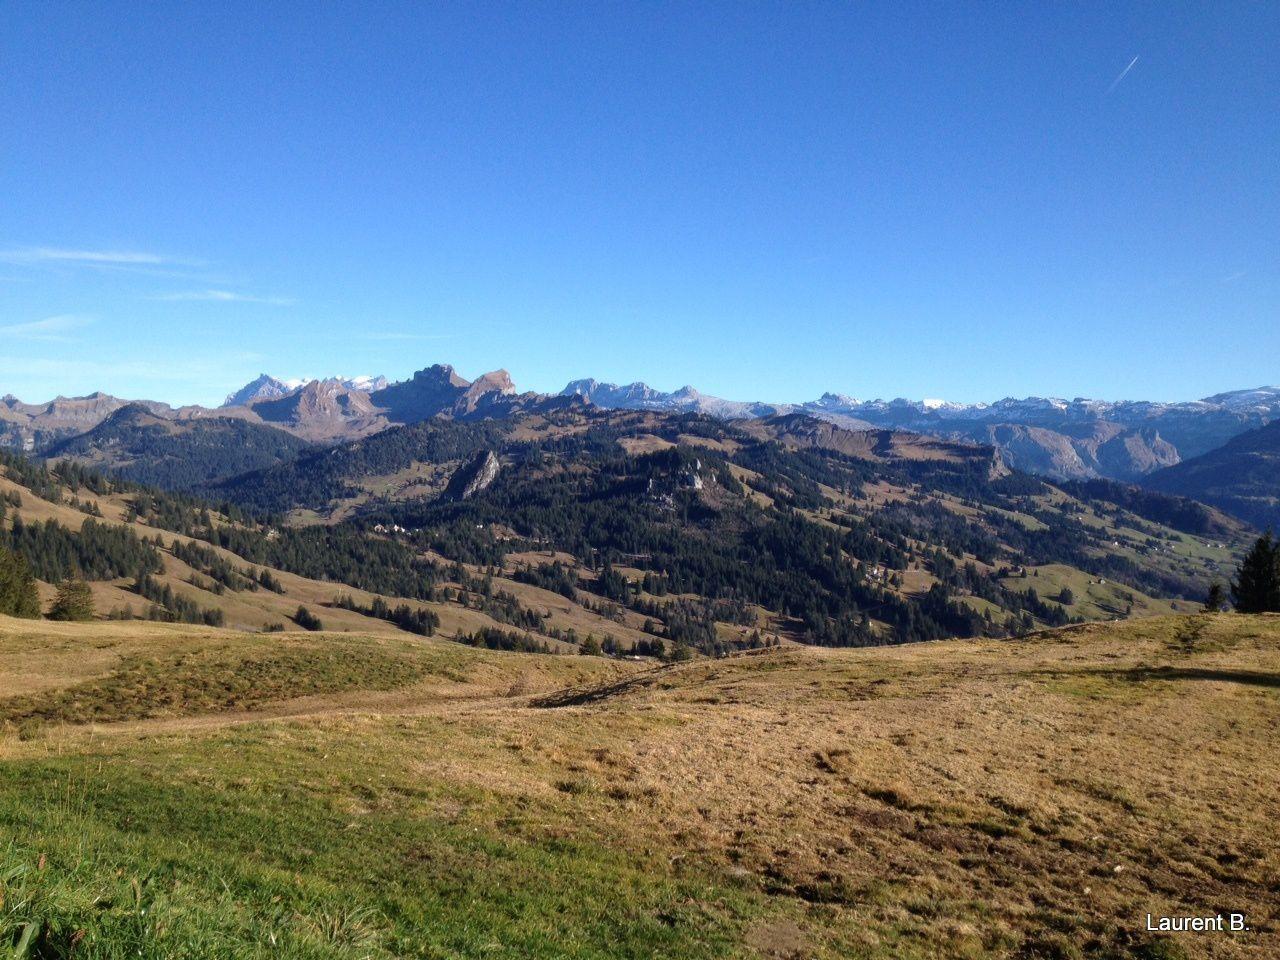 Beauté de montagnes suisses